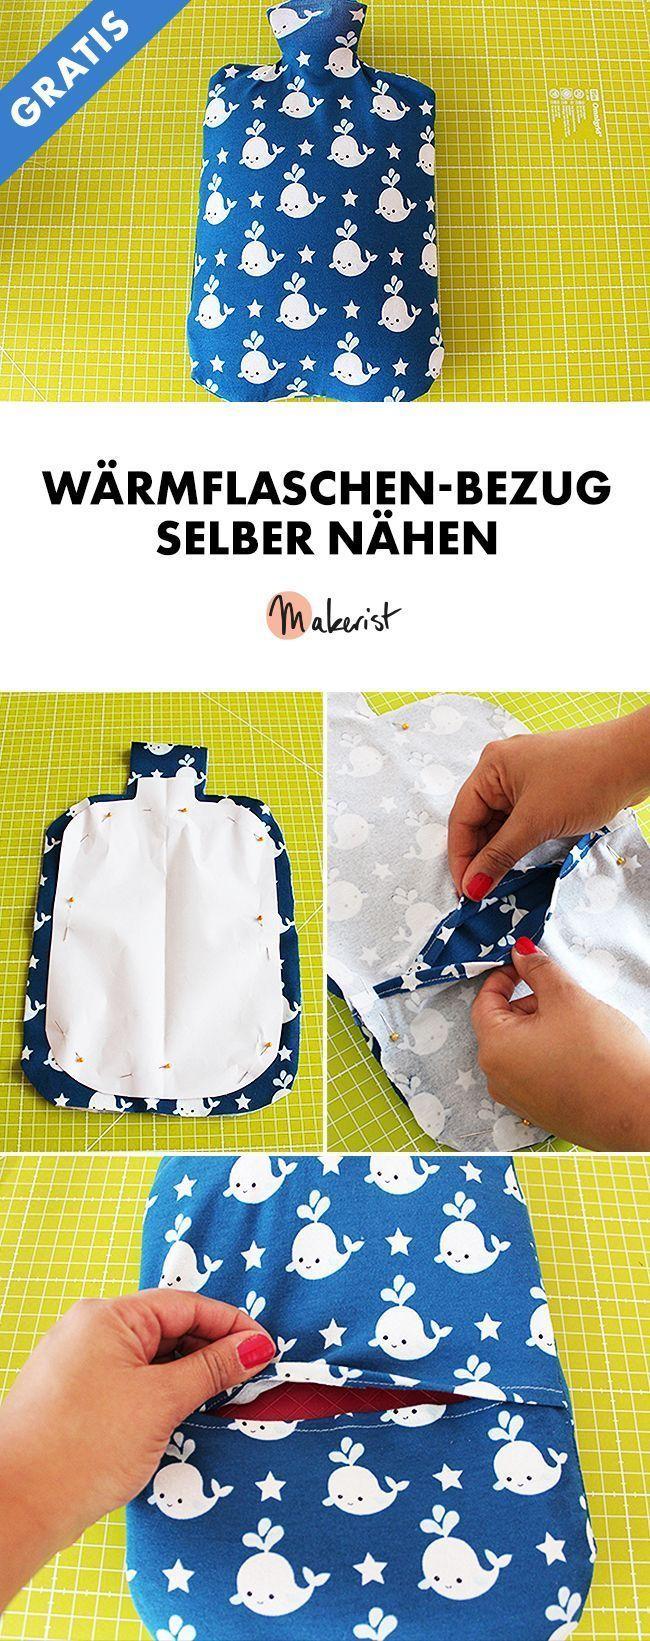 Photo of Nähen Sie die Wärmflaschenabdeckung selbst – kostenlose Nähanweisungen über Makerist.de